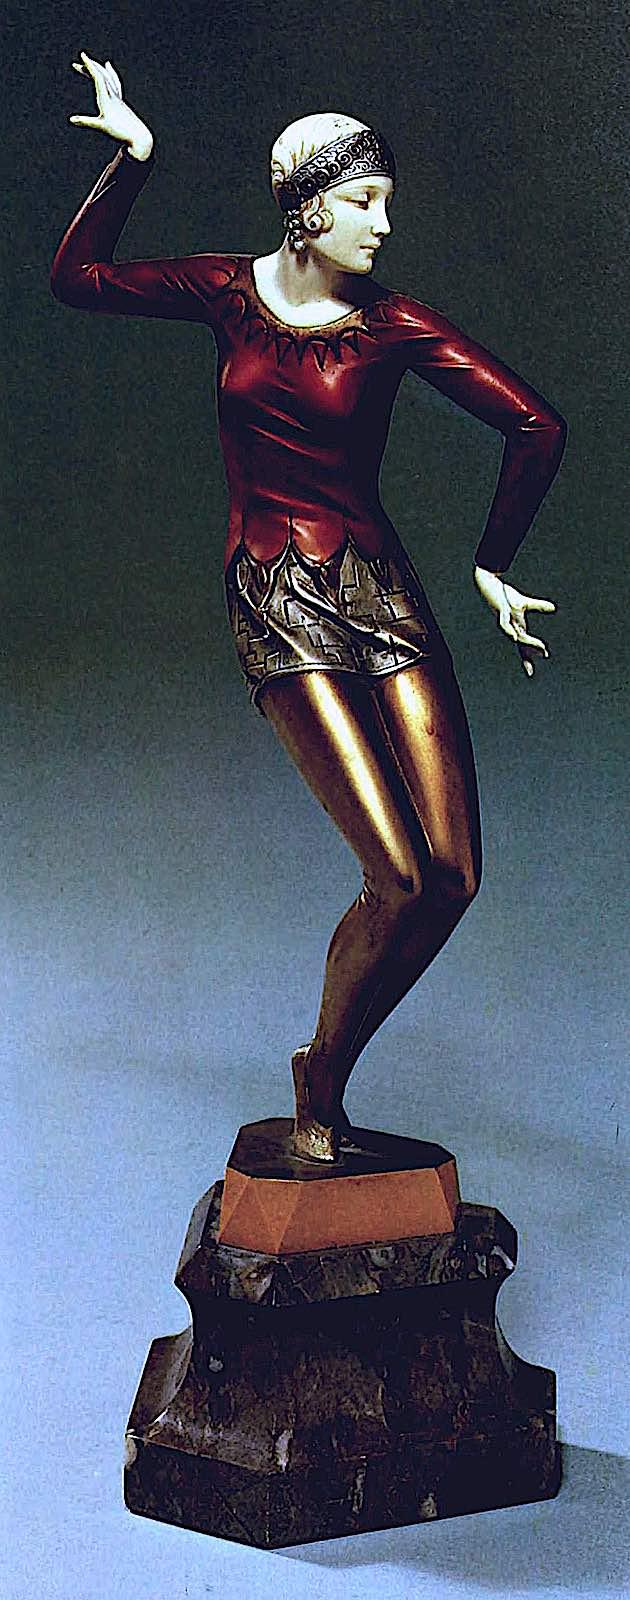 a Ferdinand Preiss 1920s statuette of a woman dancer